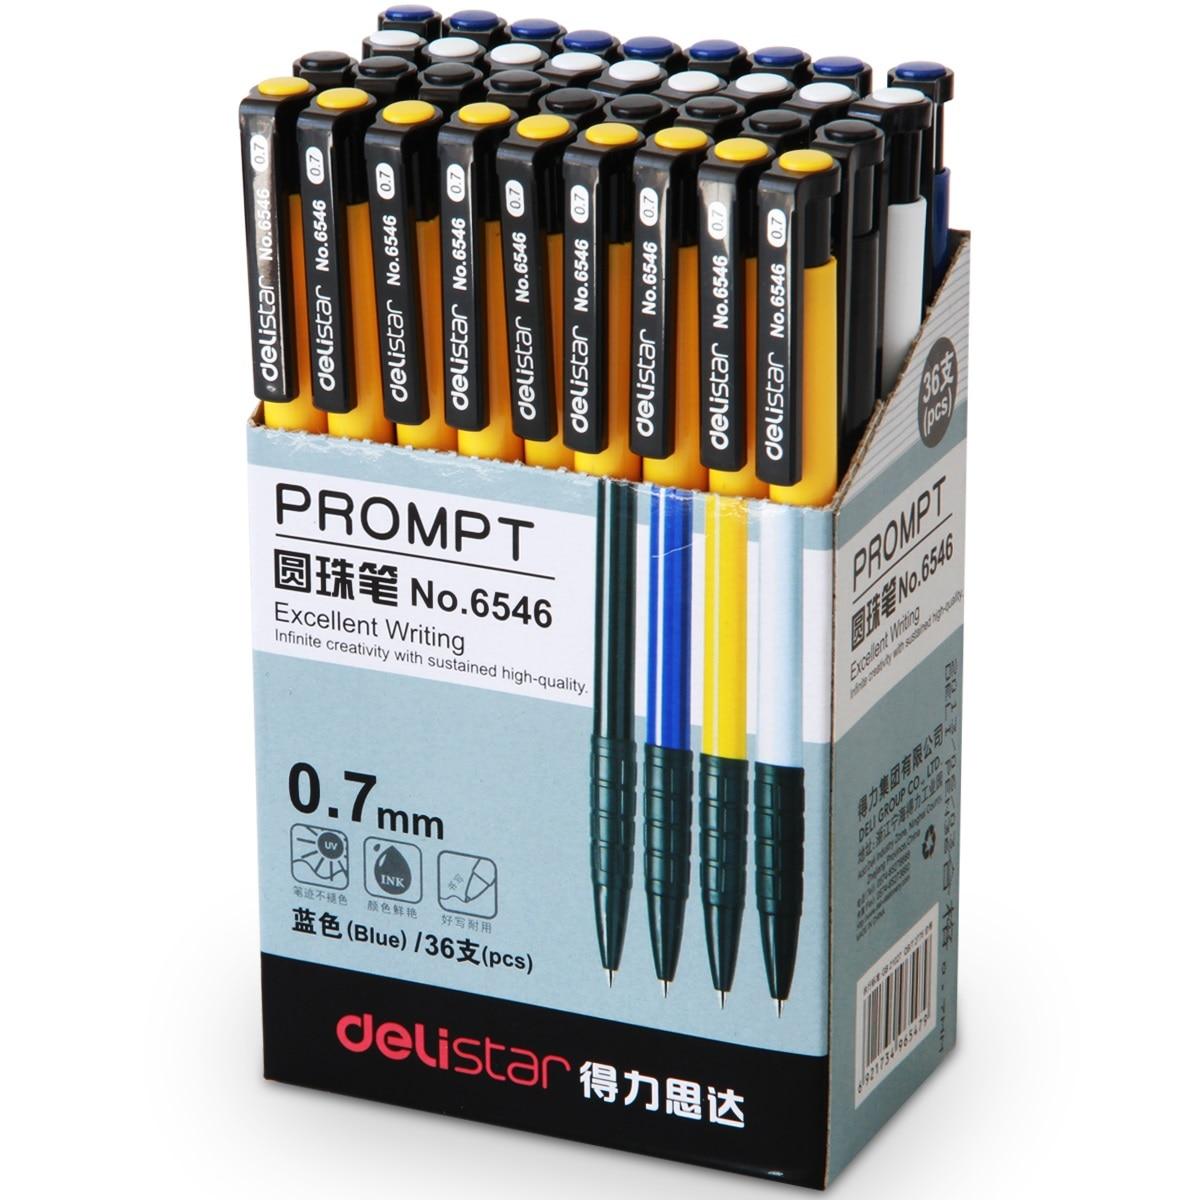 Escrevendo Suprimentos 36 pçs/caixa pressionando caneta esferográfica caneta esferográfica caneta esferográfica barata Por Atacado artigos de papelaria de escritório e material escolar